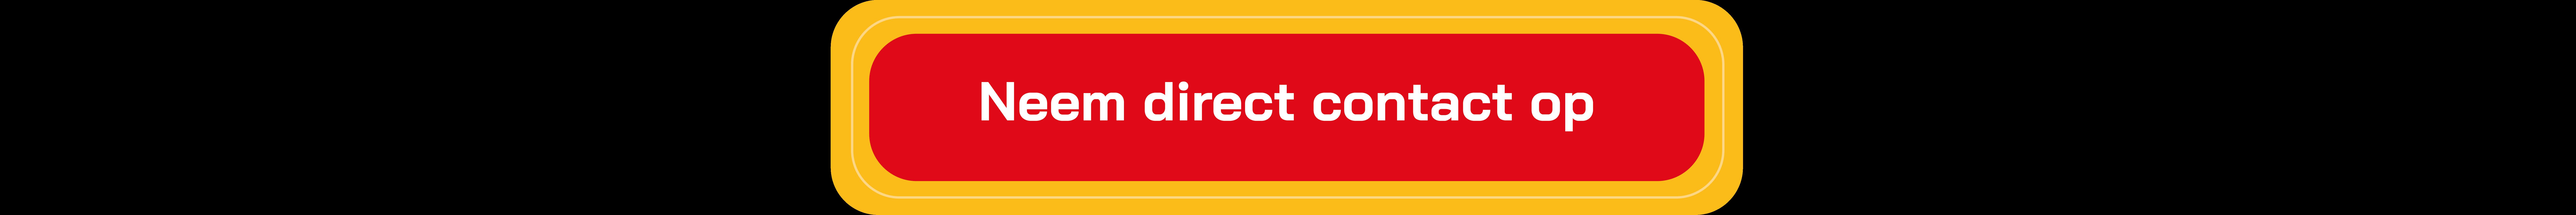 BFBENL CTA button